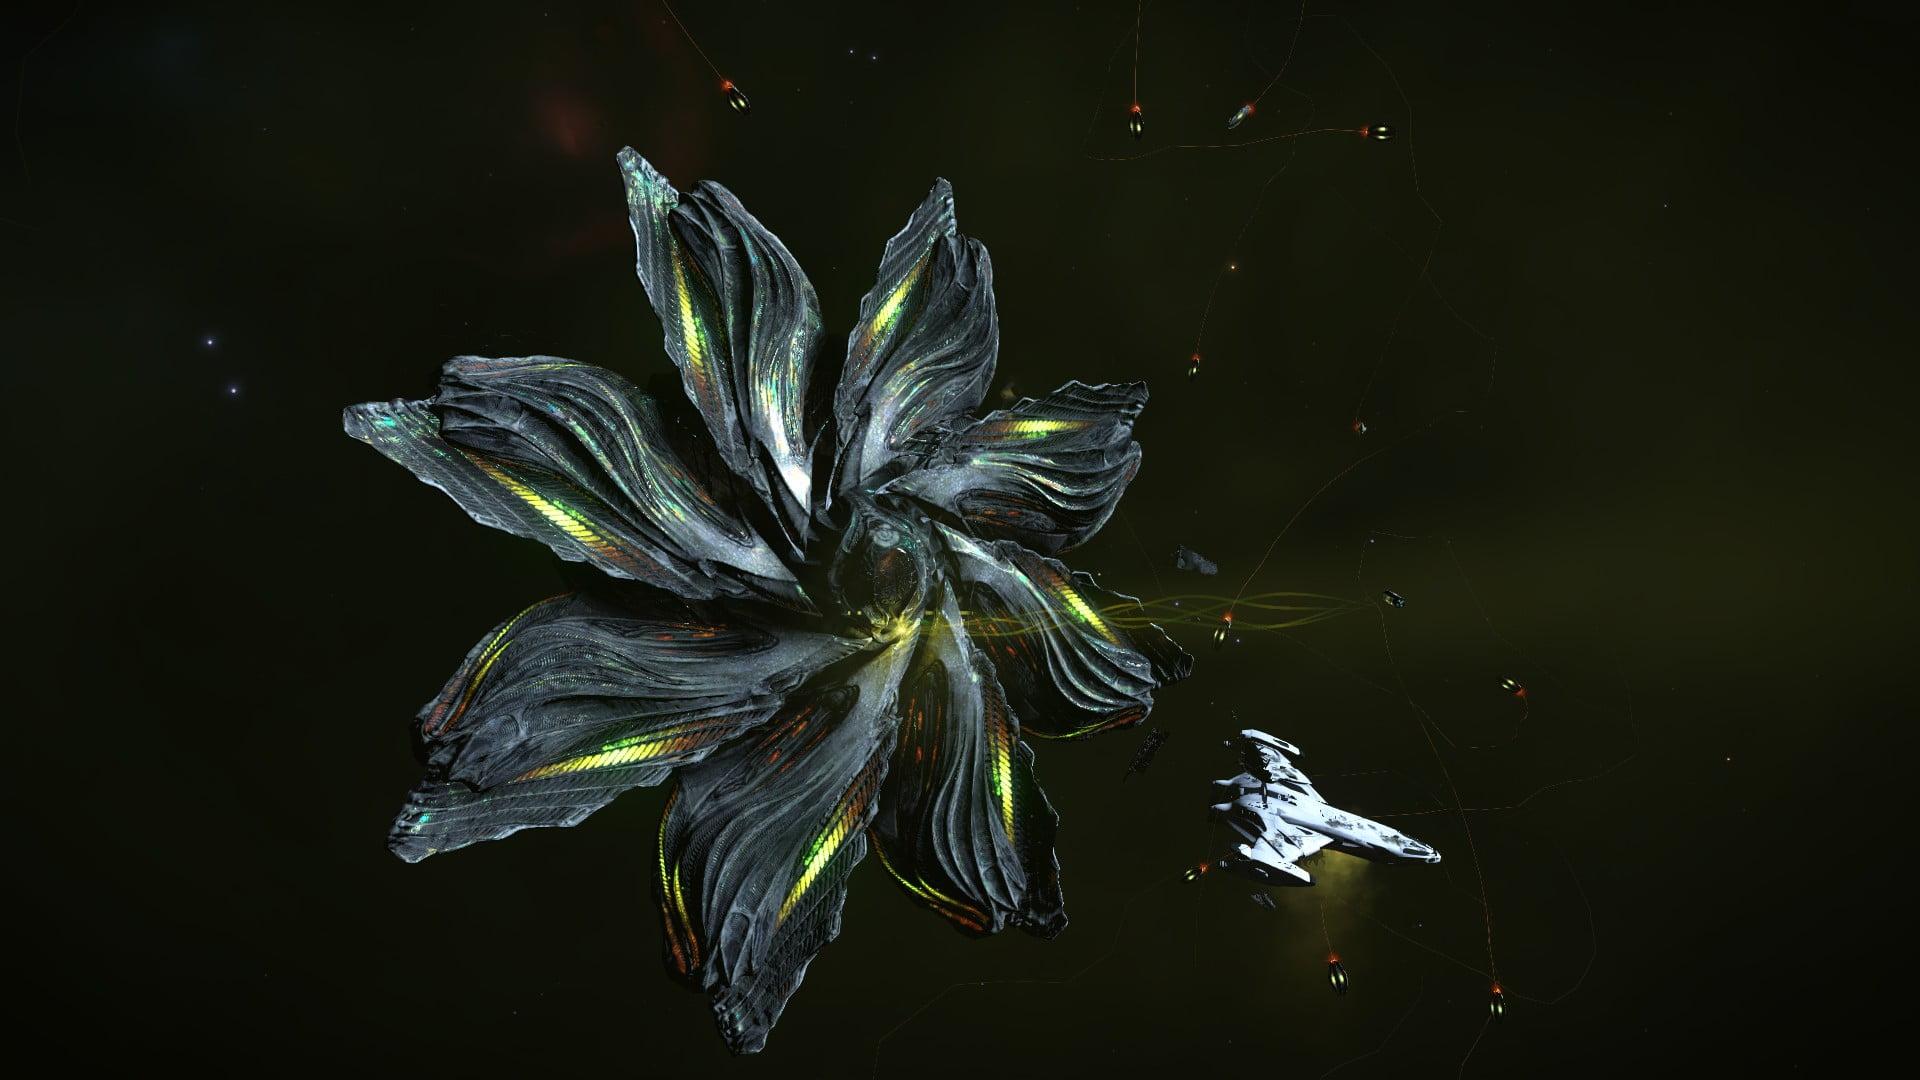 A Cyclops Variant